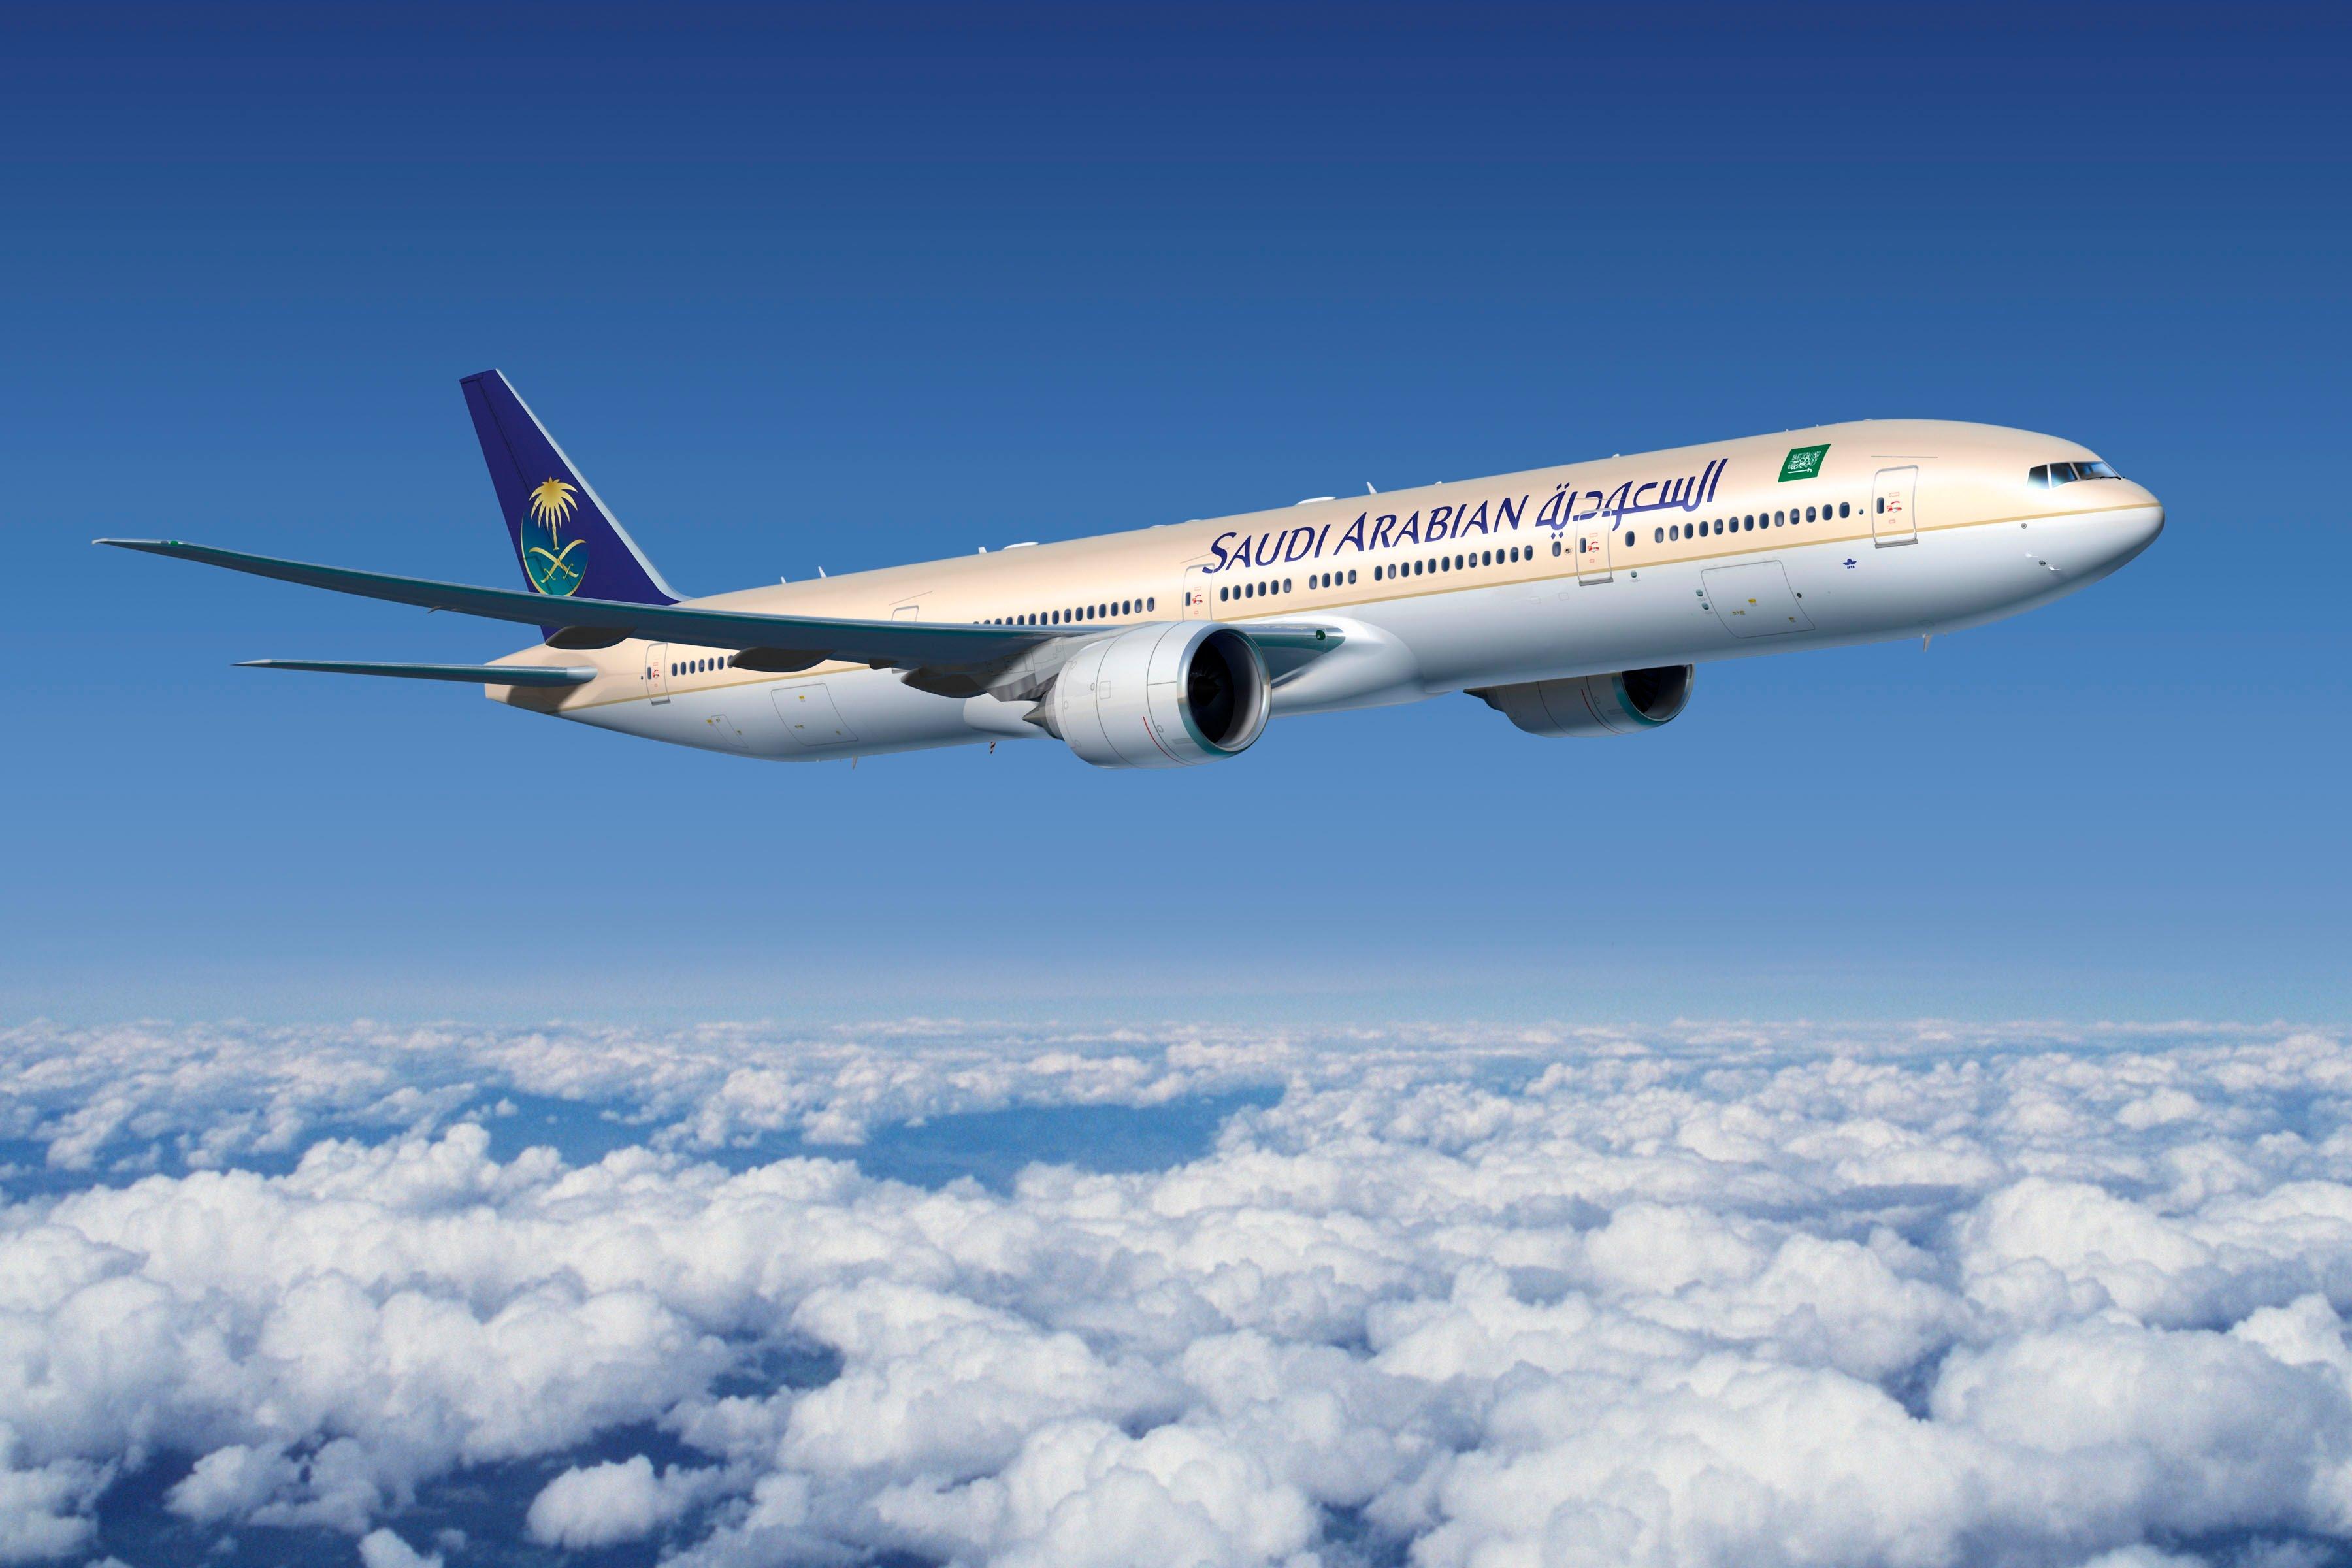 رواد المستقبل : برنامج للطموحين والراغبين في العمل في الخطوط الجوية السعودية .. تعرف على التفاصيل